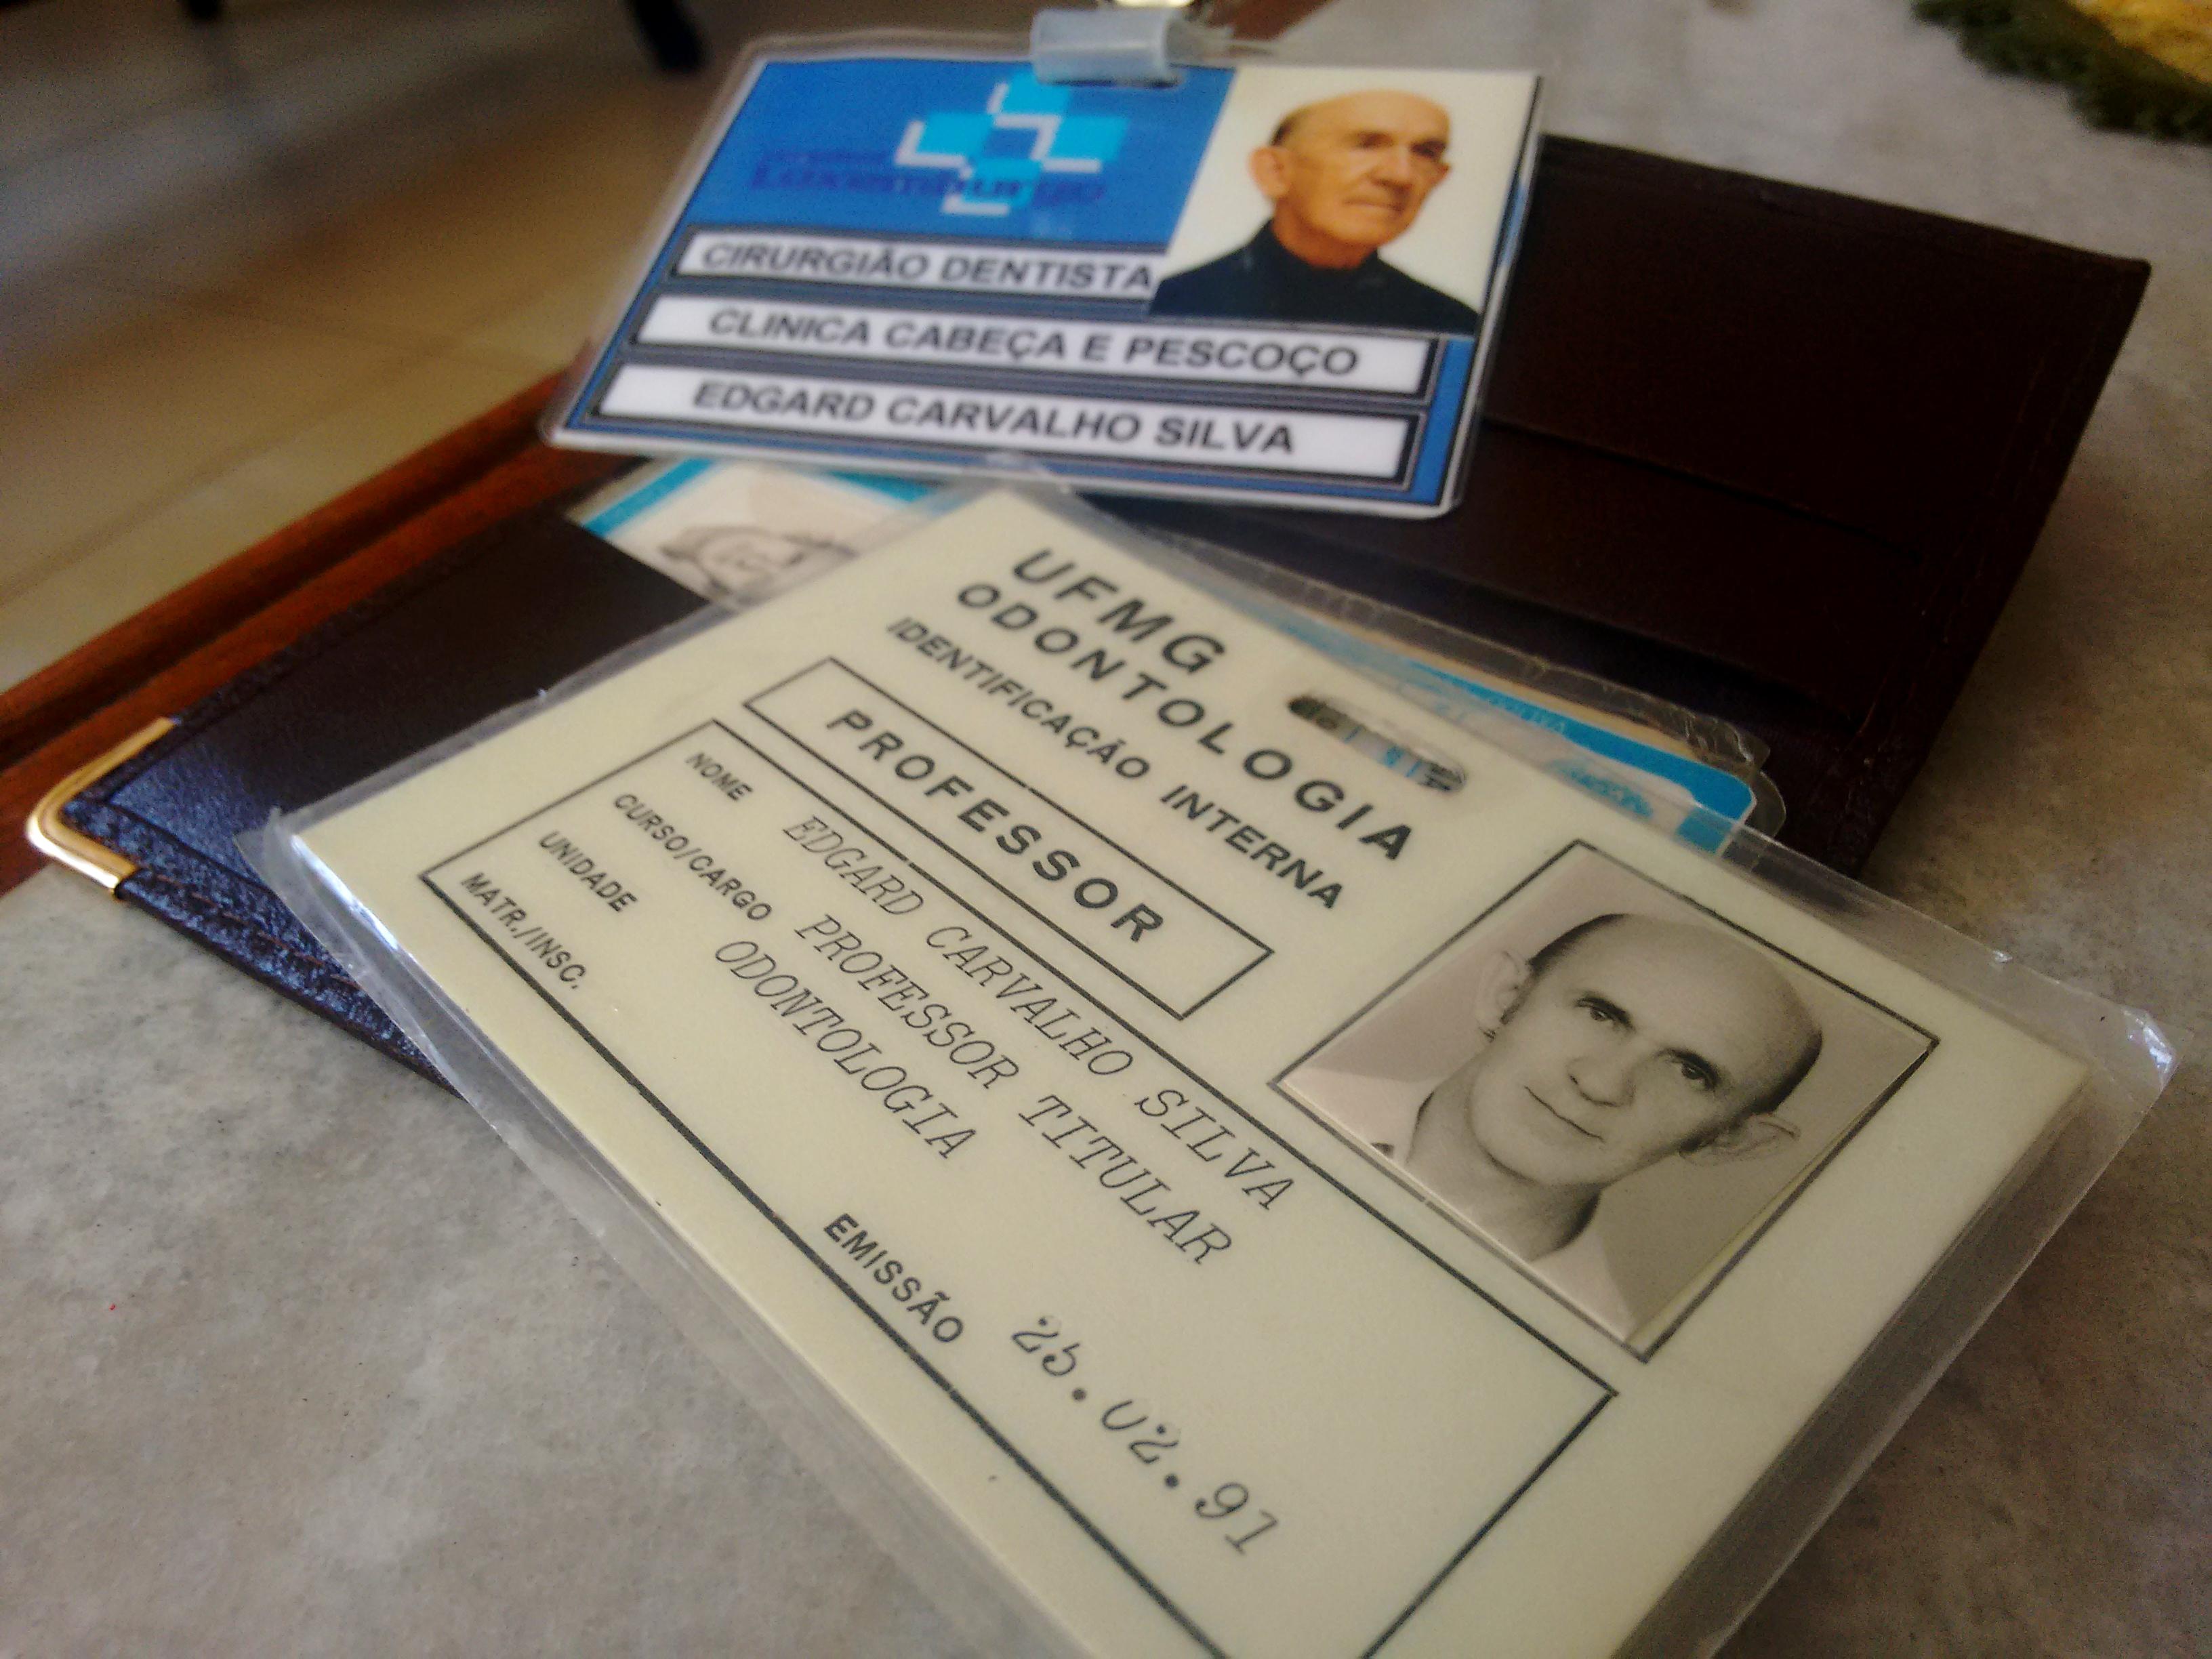 Suas carteirinhas, que ele guardava no bolso da camisa, de quando trabalhou no Hospital Luxemburgo (em segundo plano) e na UFMG (em primeiro). Foto: Gabriel Araújo